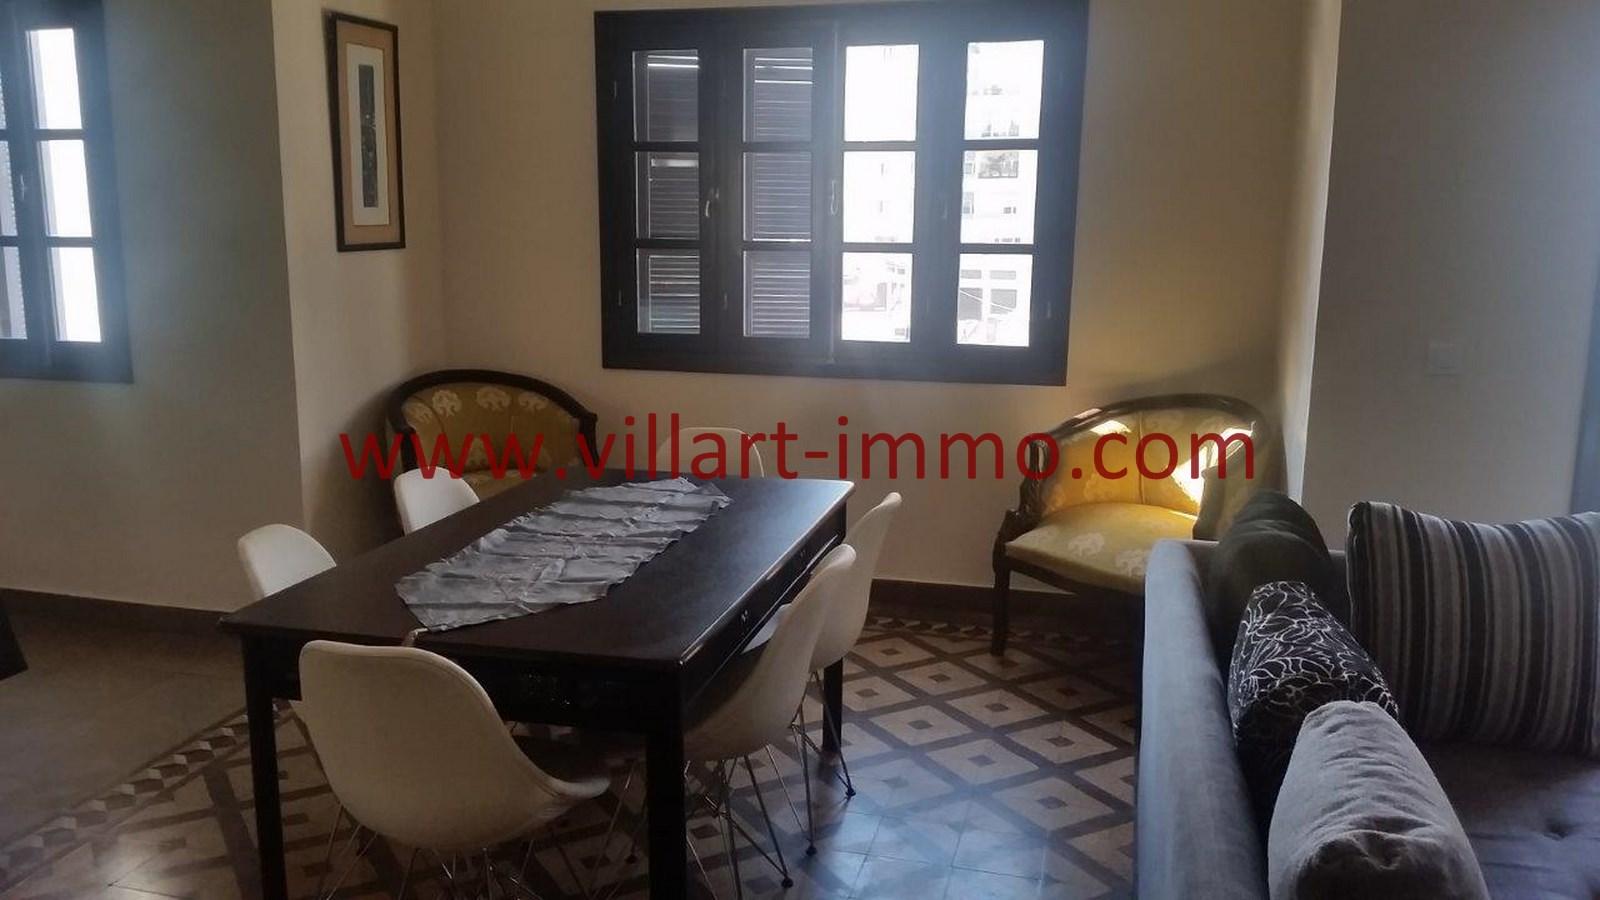 4-a-louer-appartement-meuble-centre-ville-tanger-salle-a-manger-l964-villart-immo